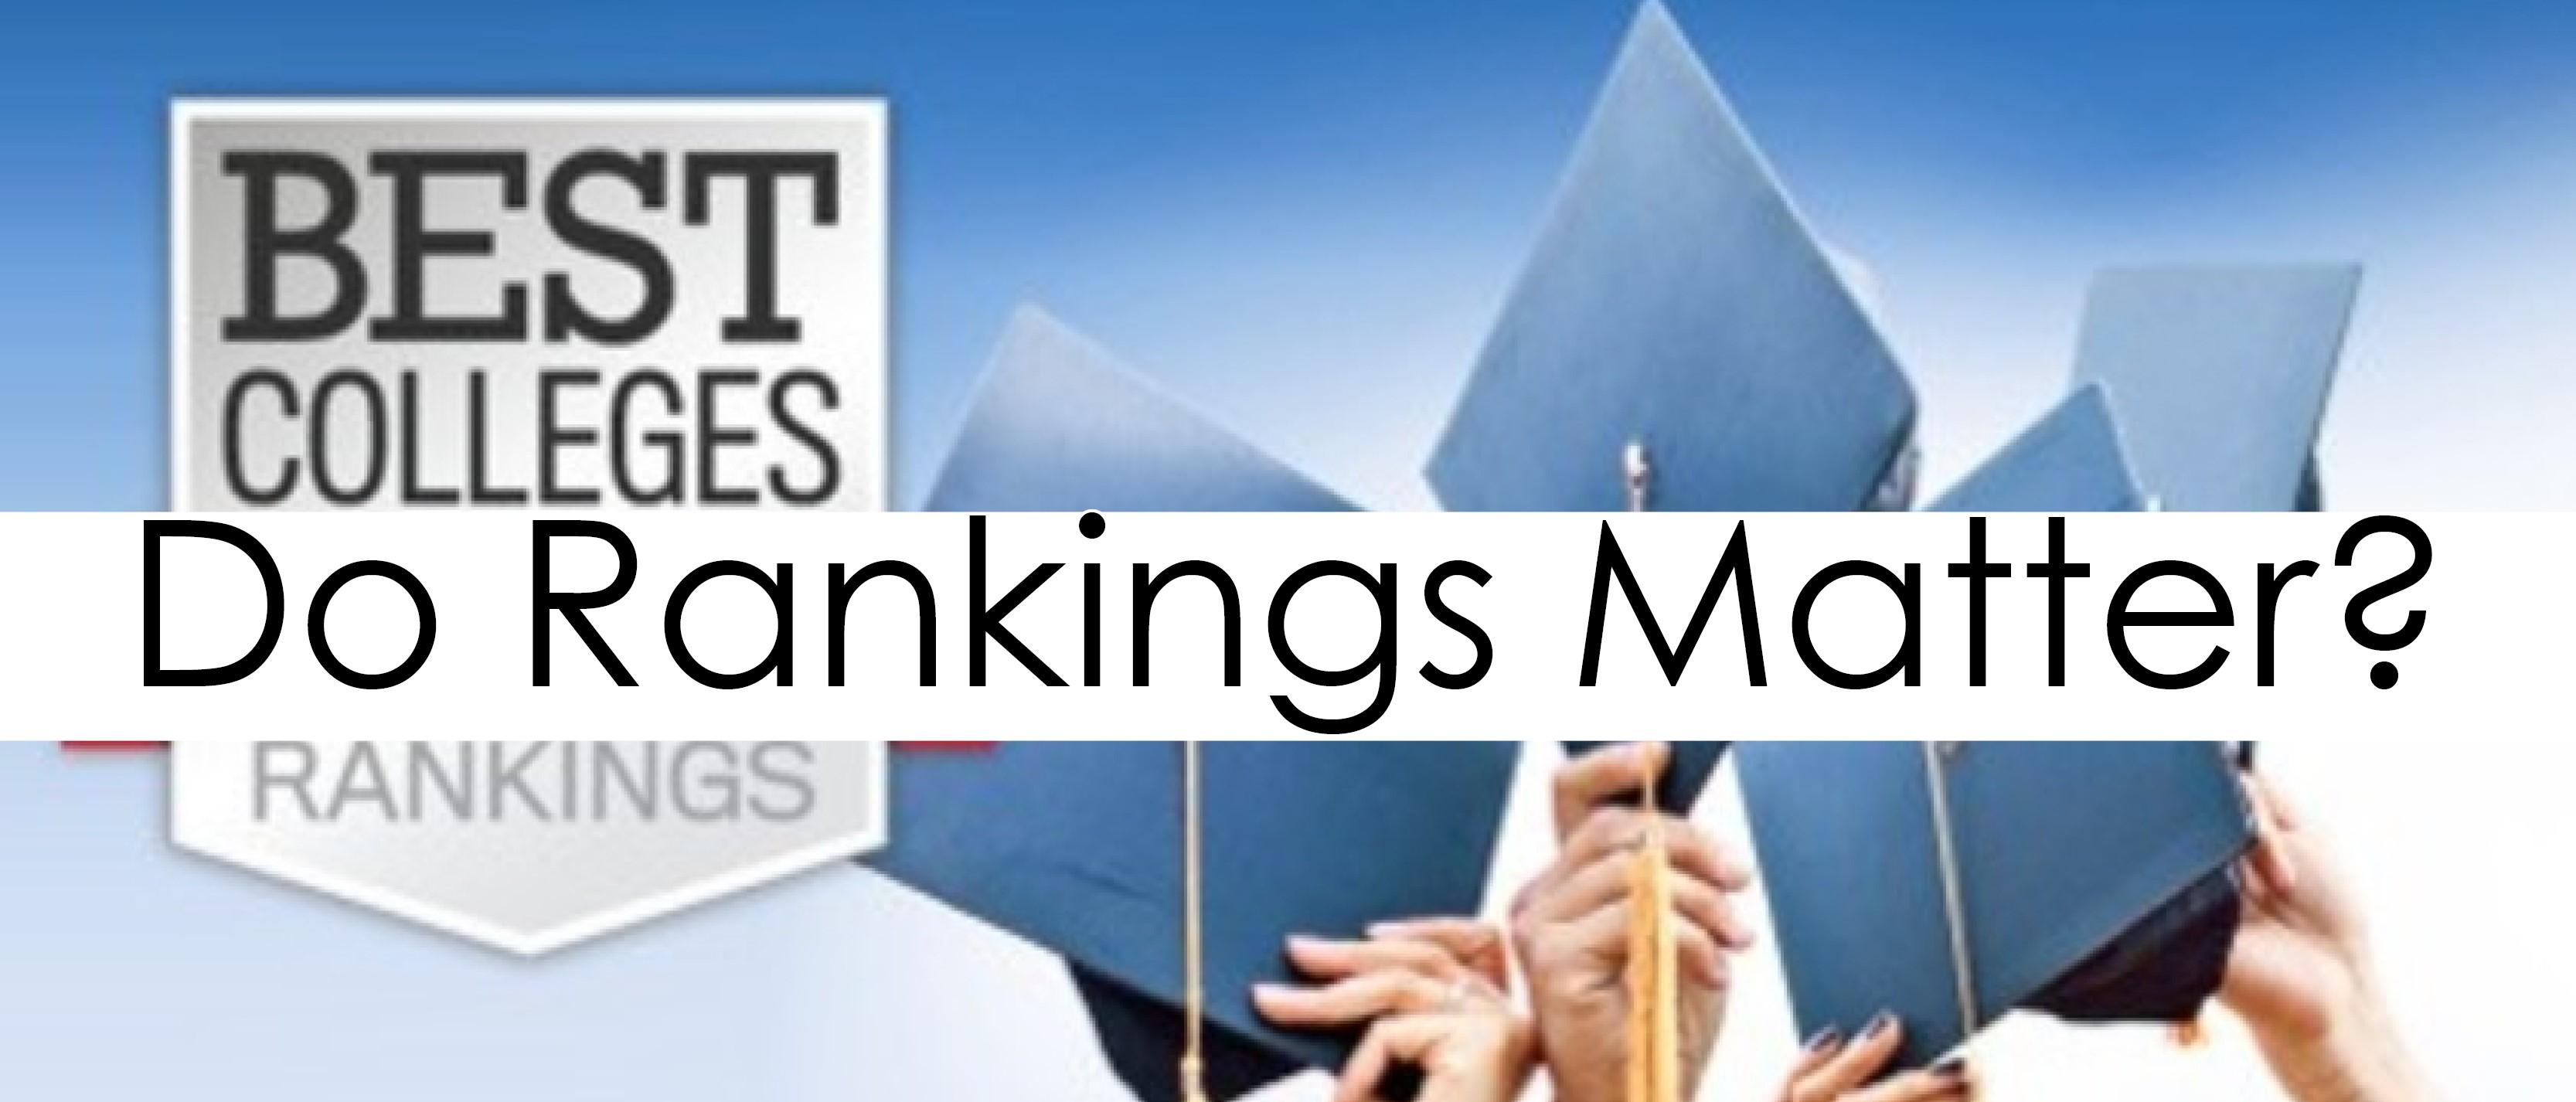 Do Rankings Really Matter?